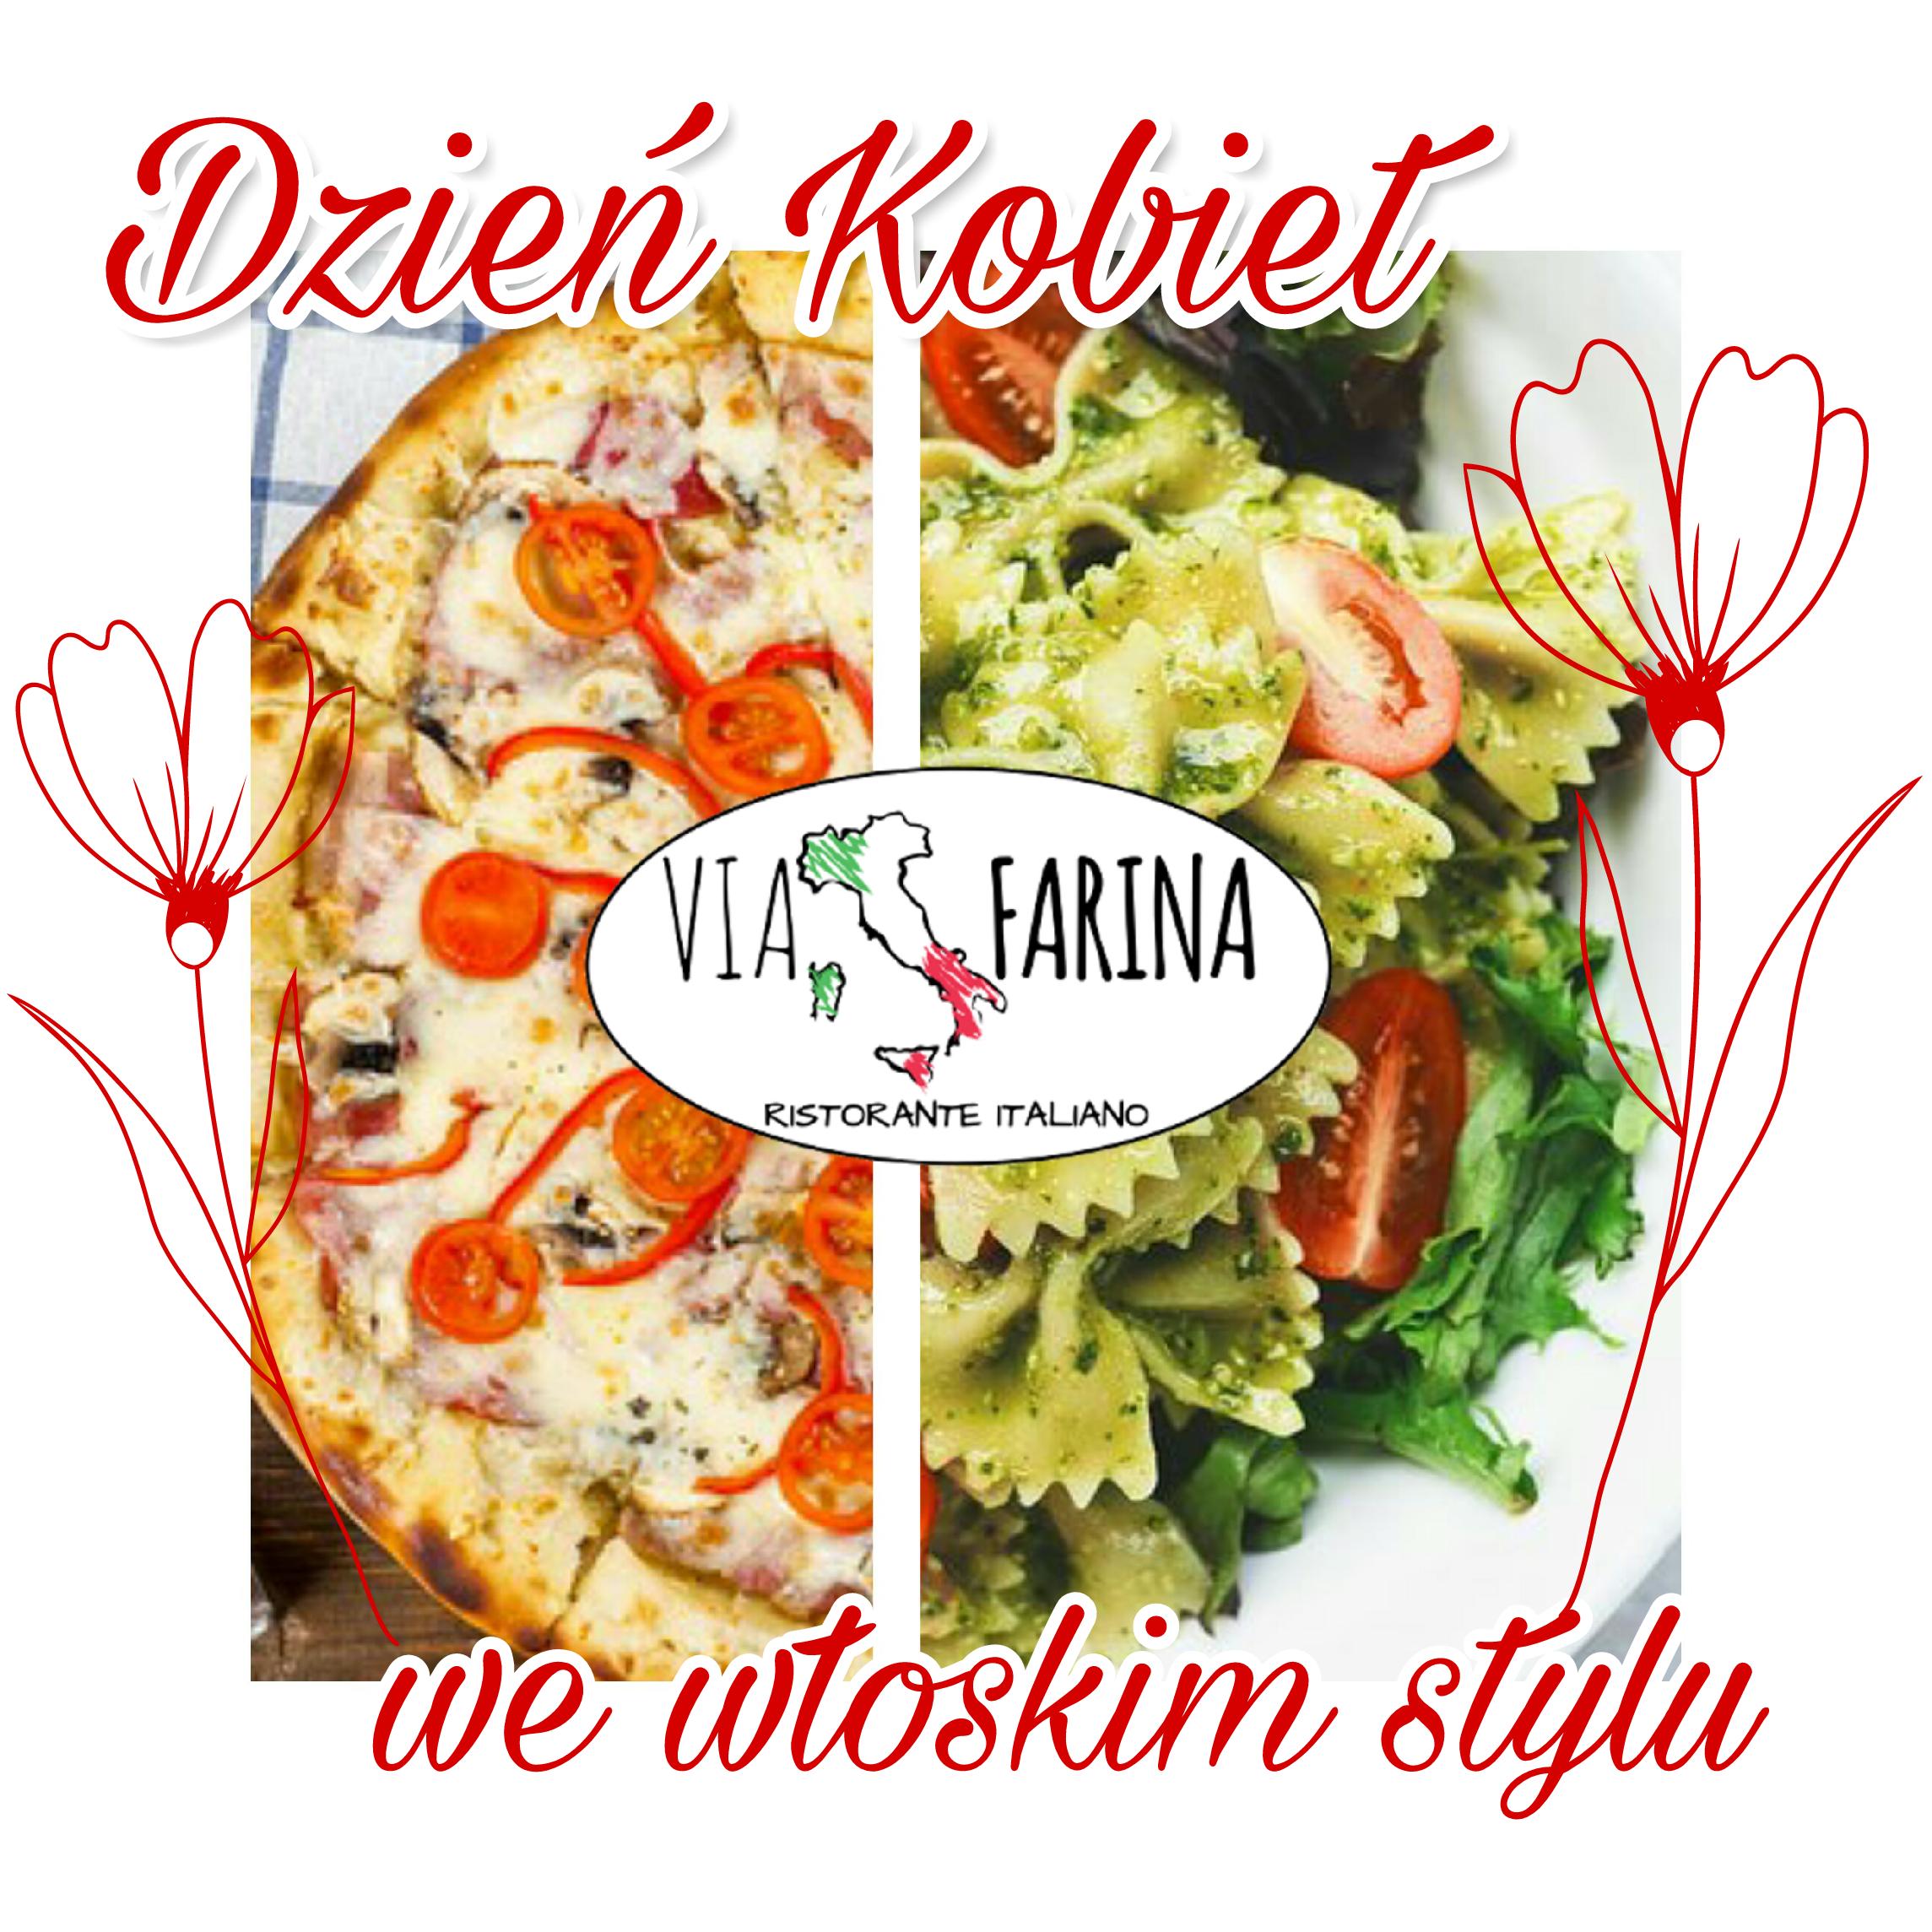 Z Okazji Dnia Kobiet W Ten Wyjatkowy Dzien Wszystkim Pania Zyczymy Aby Znalazl Sie Ktos Kto Zaparzy Wam Filizanke Dobrej Food Vegetable Pizza Vegetables